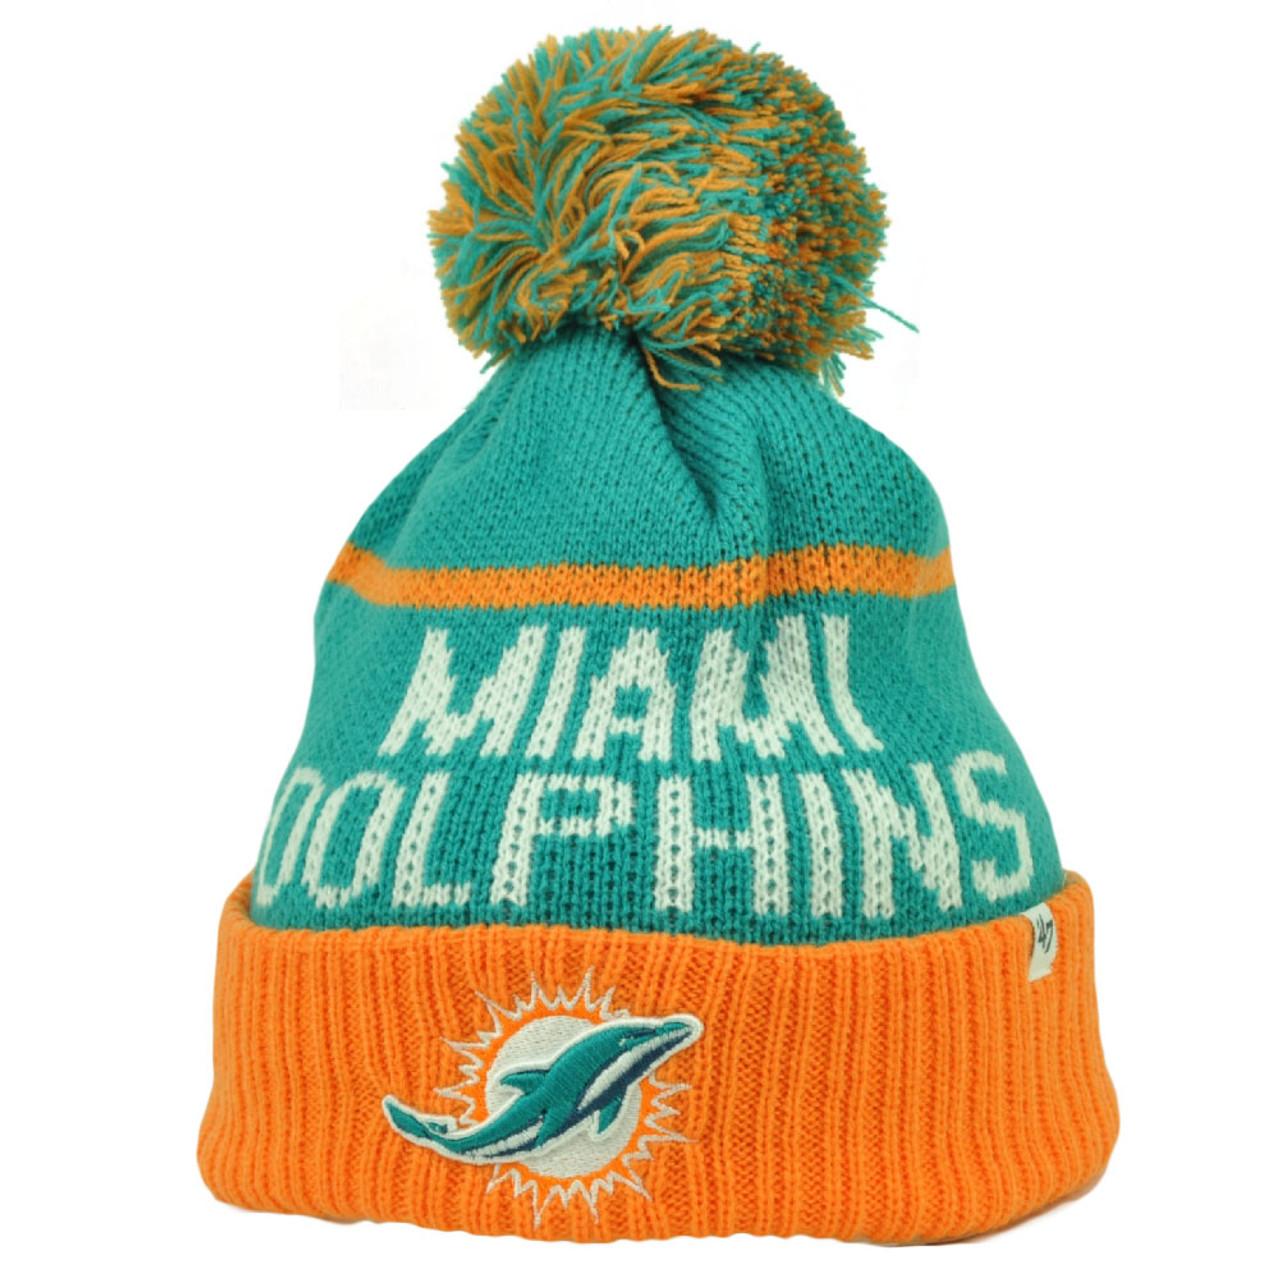 2e0a311a purchase miami dolphins beanie 6b2db b1e29